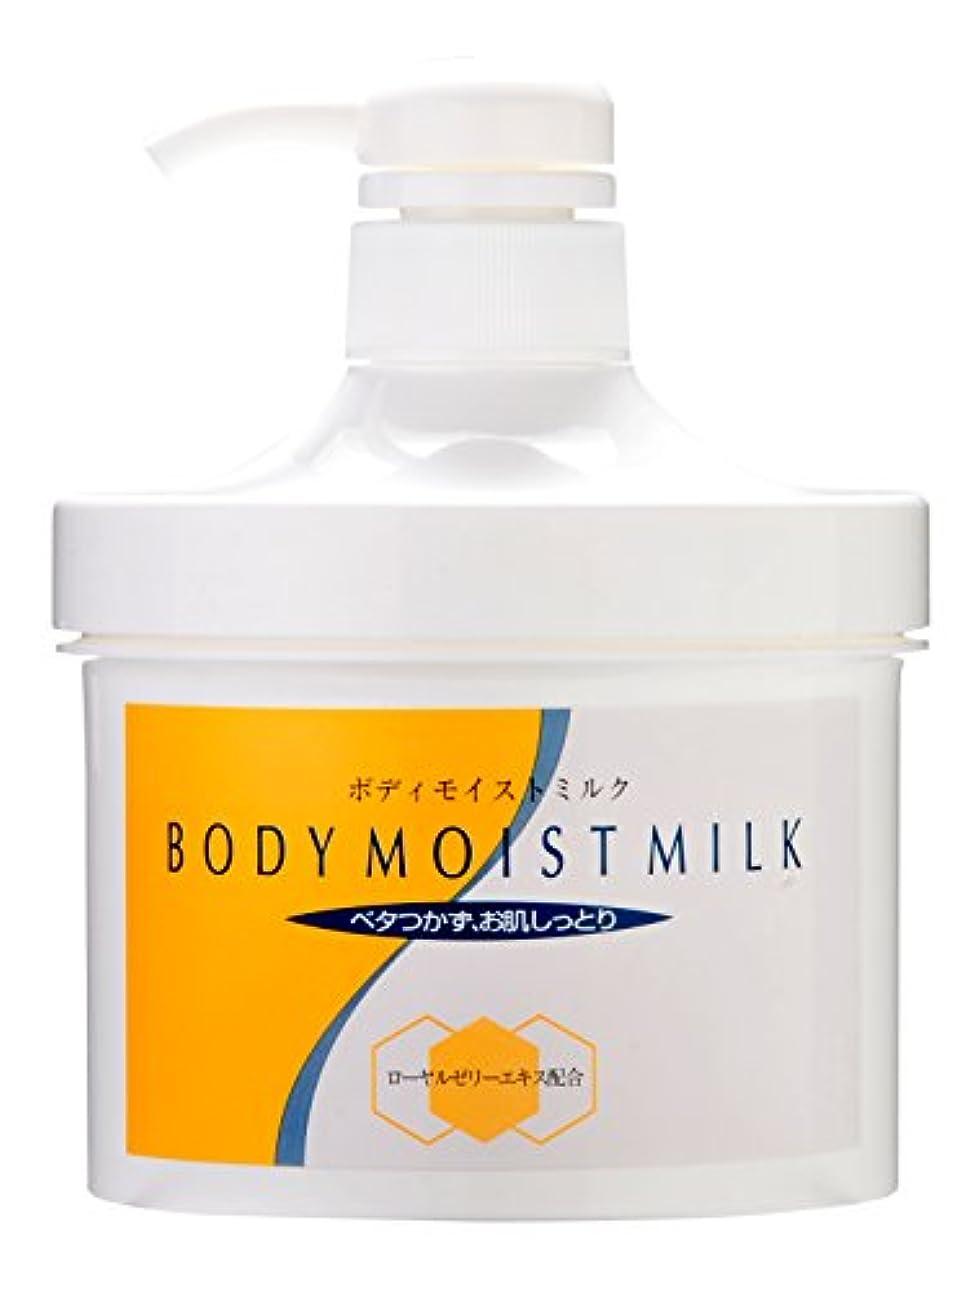 フローティング蓄積する吸い込む◆ボディモイストミルク(ボデイクリーム) 全身保湿乳液 無香料